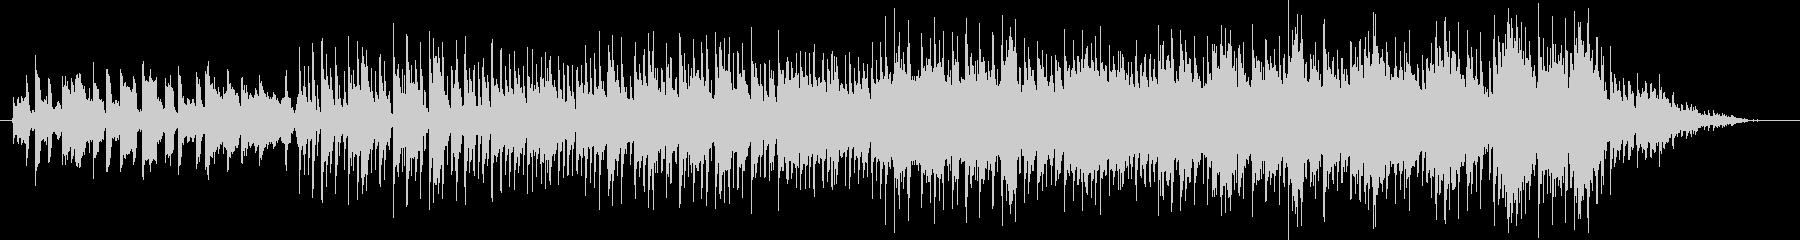 クールなピアノリフのジャズロックの未再生の波形